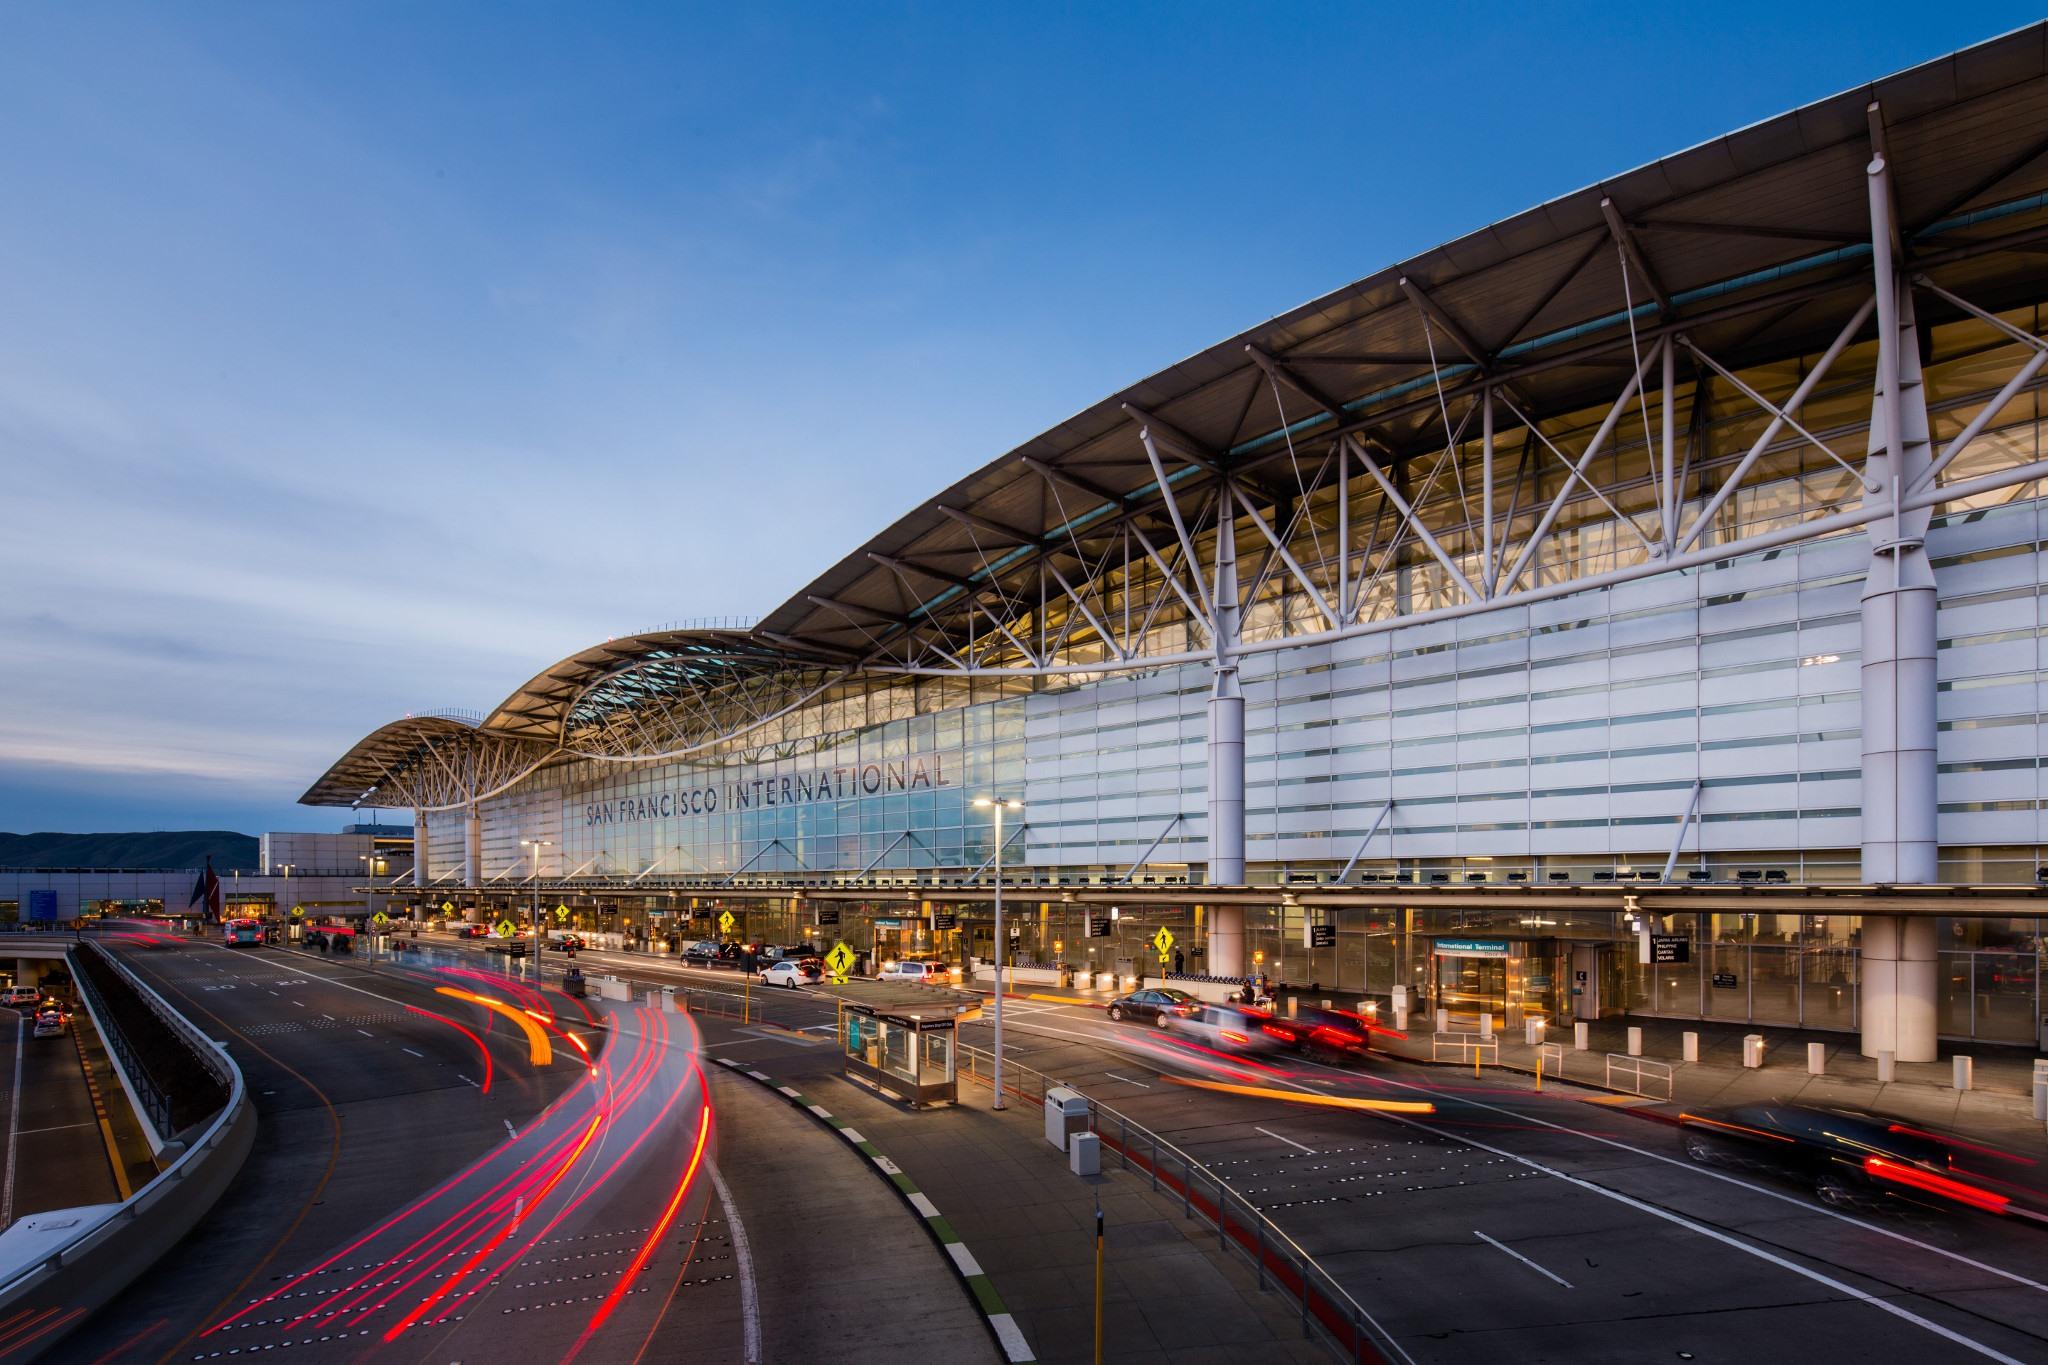 Terminál letiště San Francisco International. Foto: Letiště San Francisco